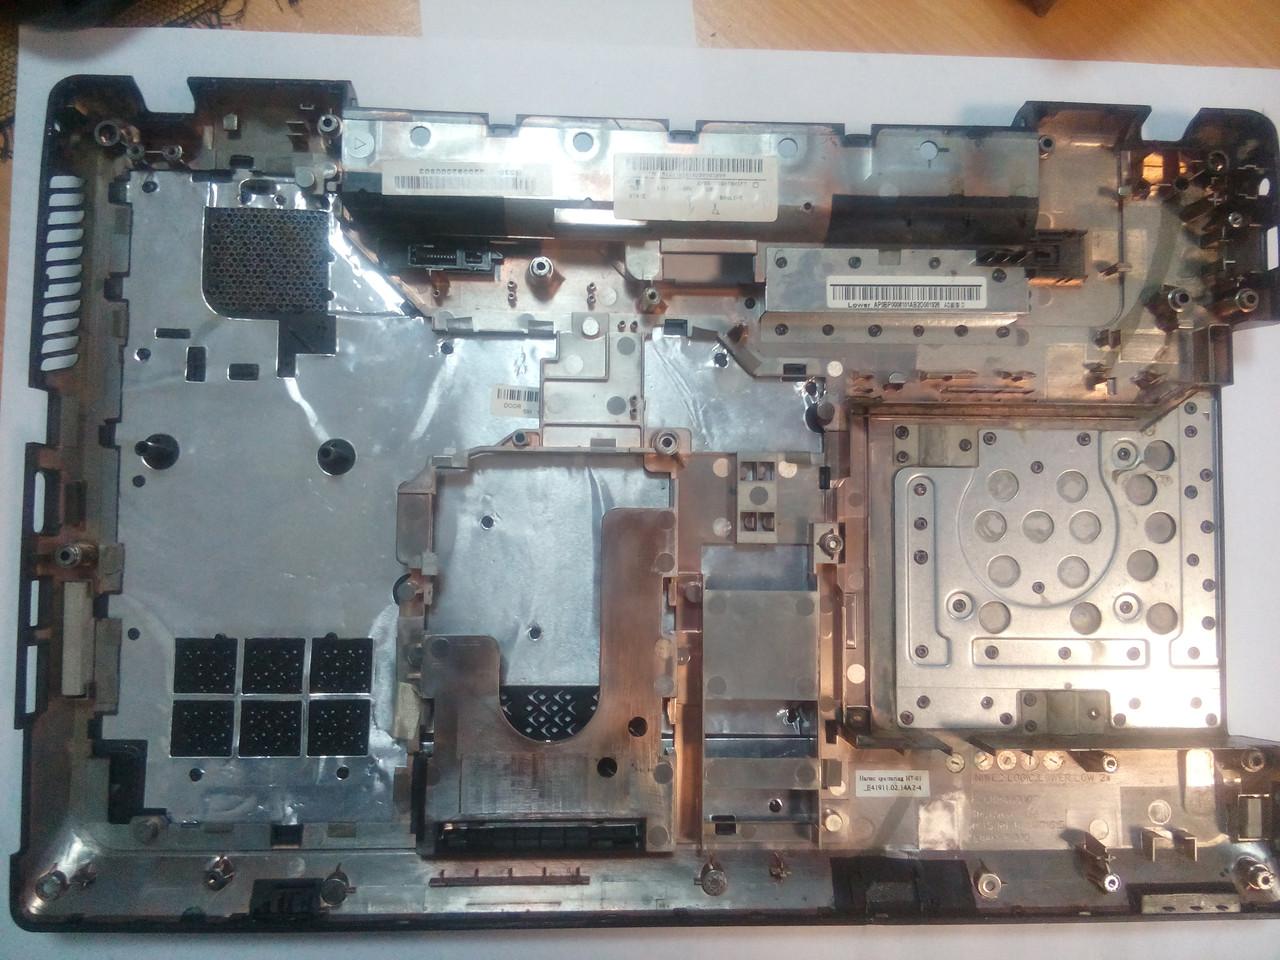 Нижняя часть корпуса LENOVO G560 с крышкой